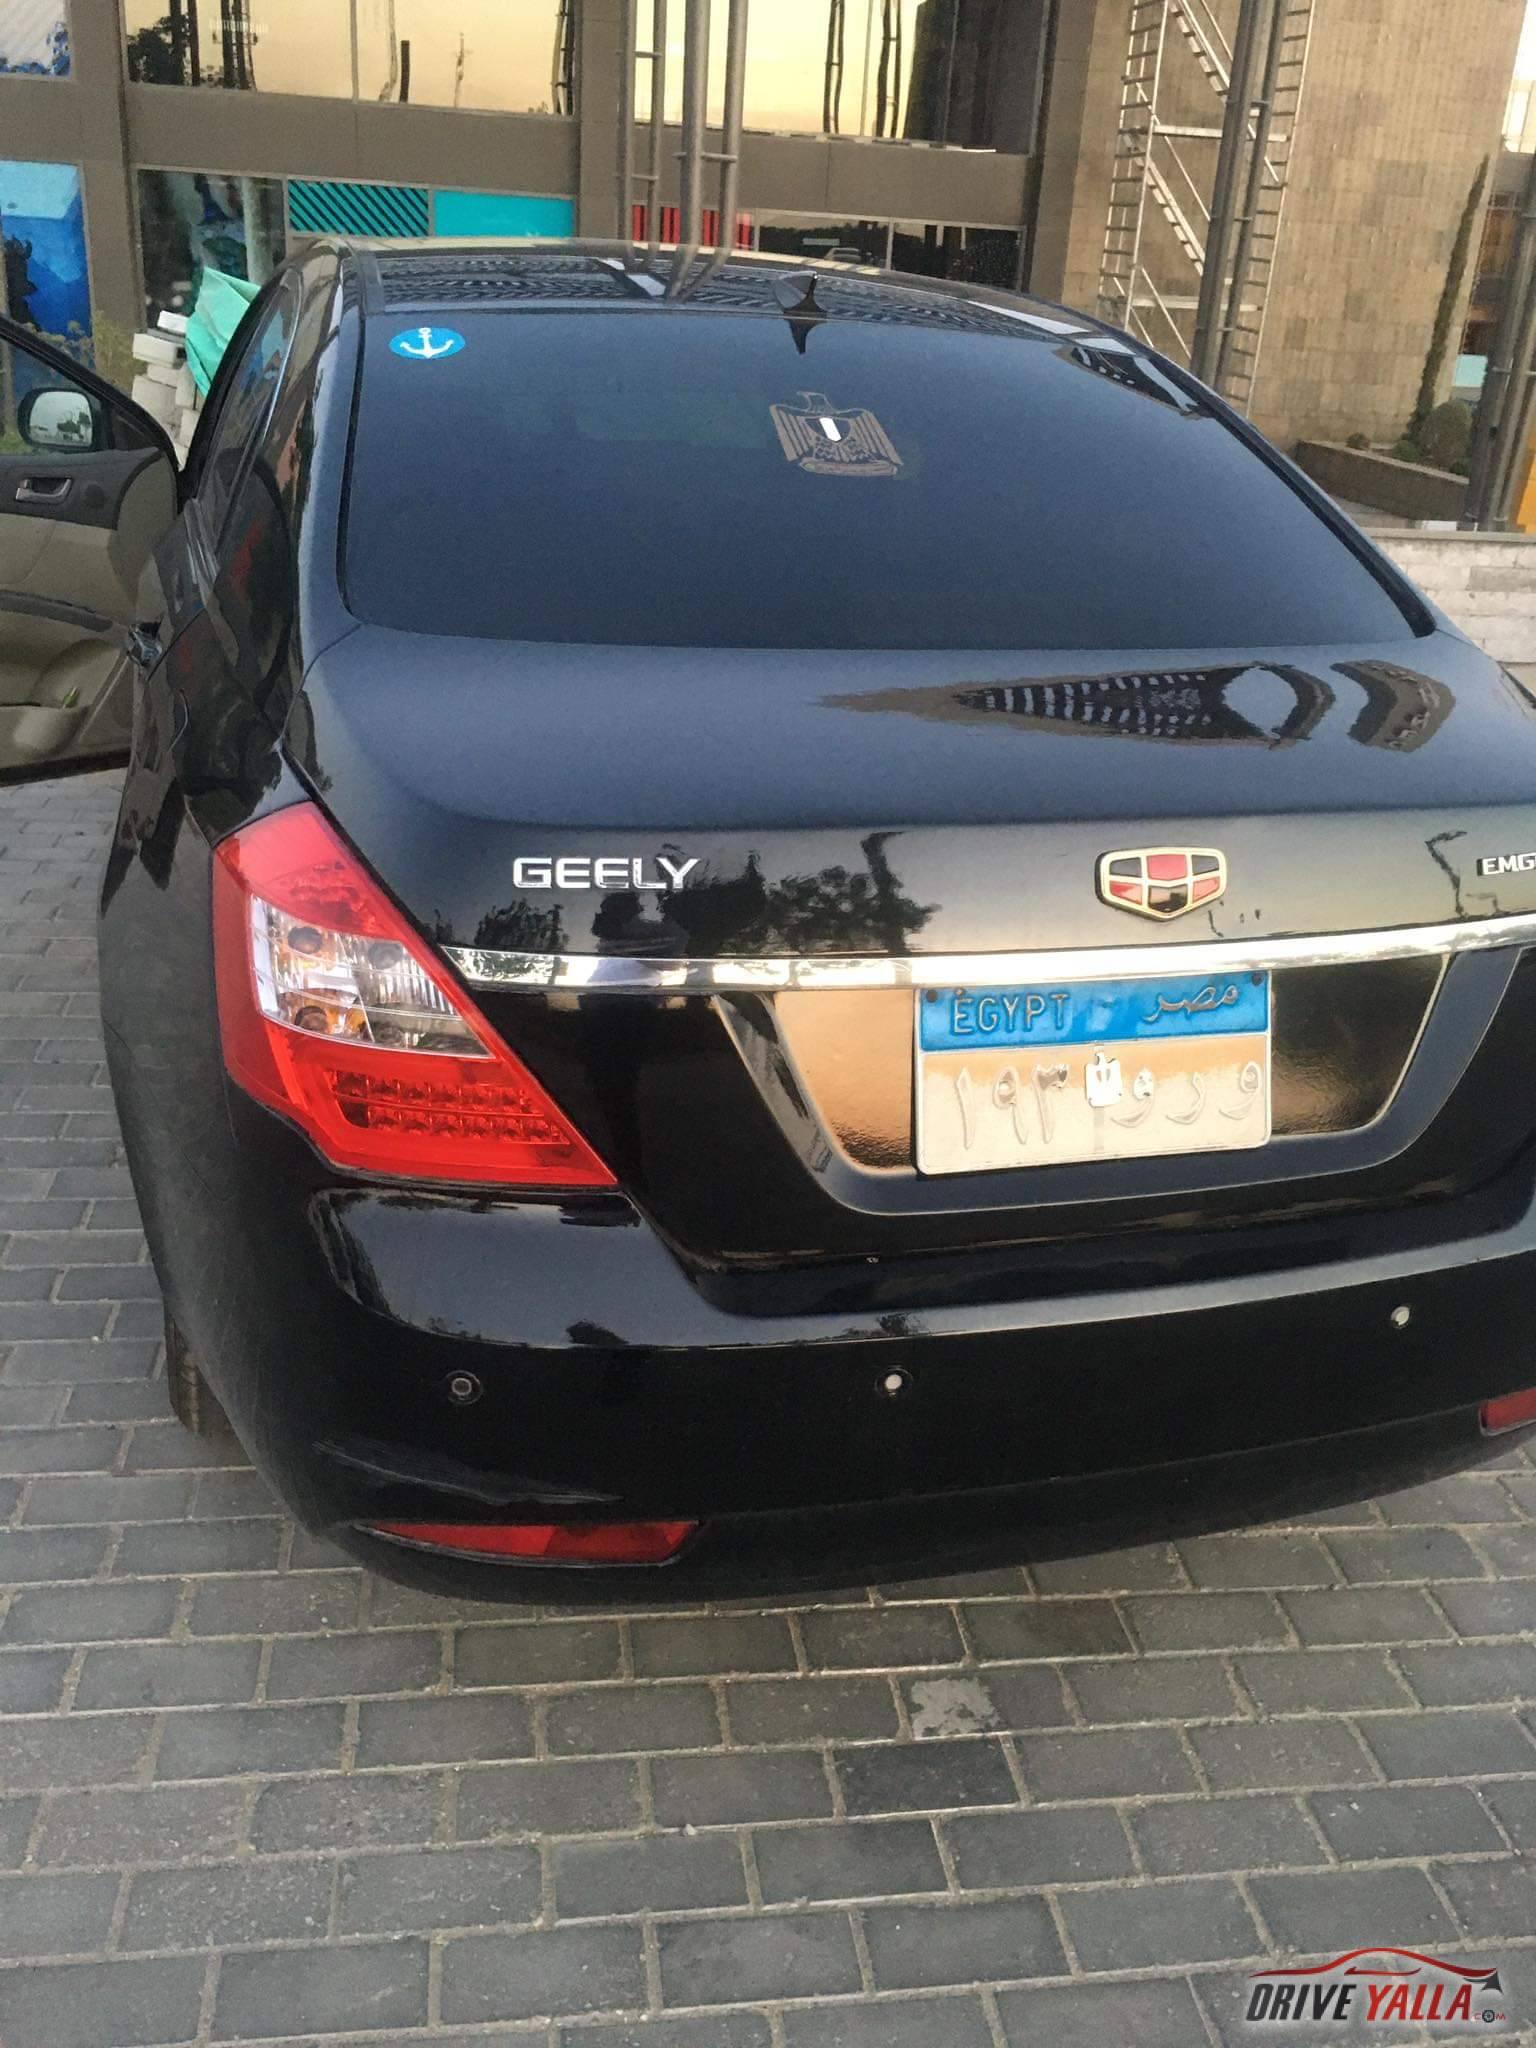 جيلى ام جراند  مستعملة للبيع فى مصر 2016